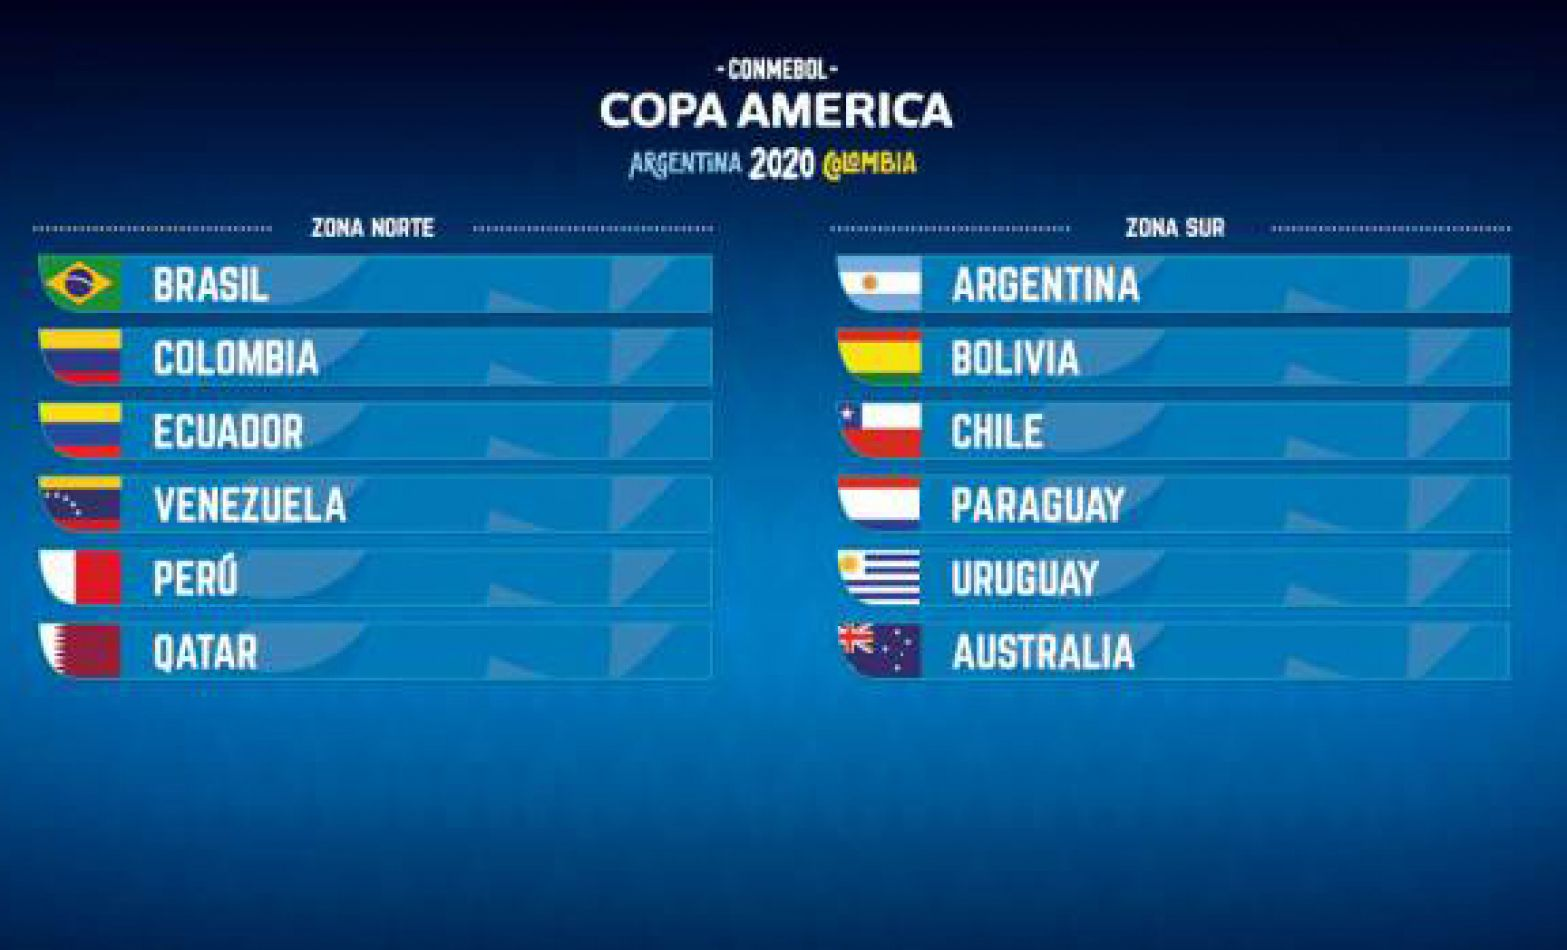 Se sorteó la Copa América 2020, Argentina debutará con Chile en el Monumental